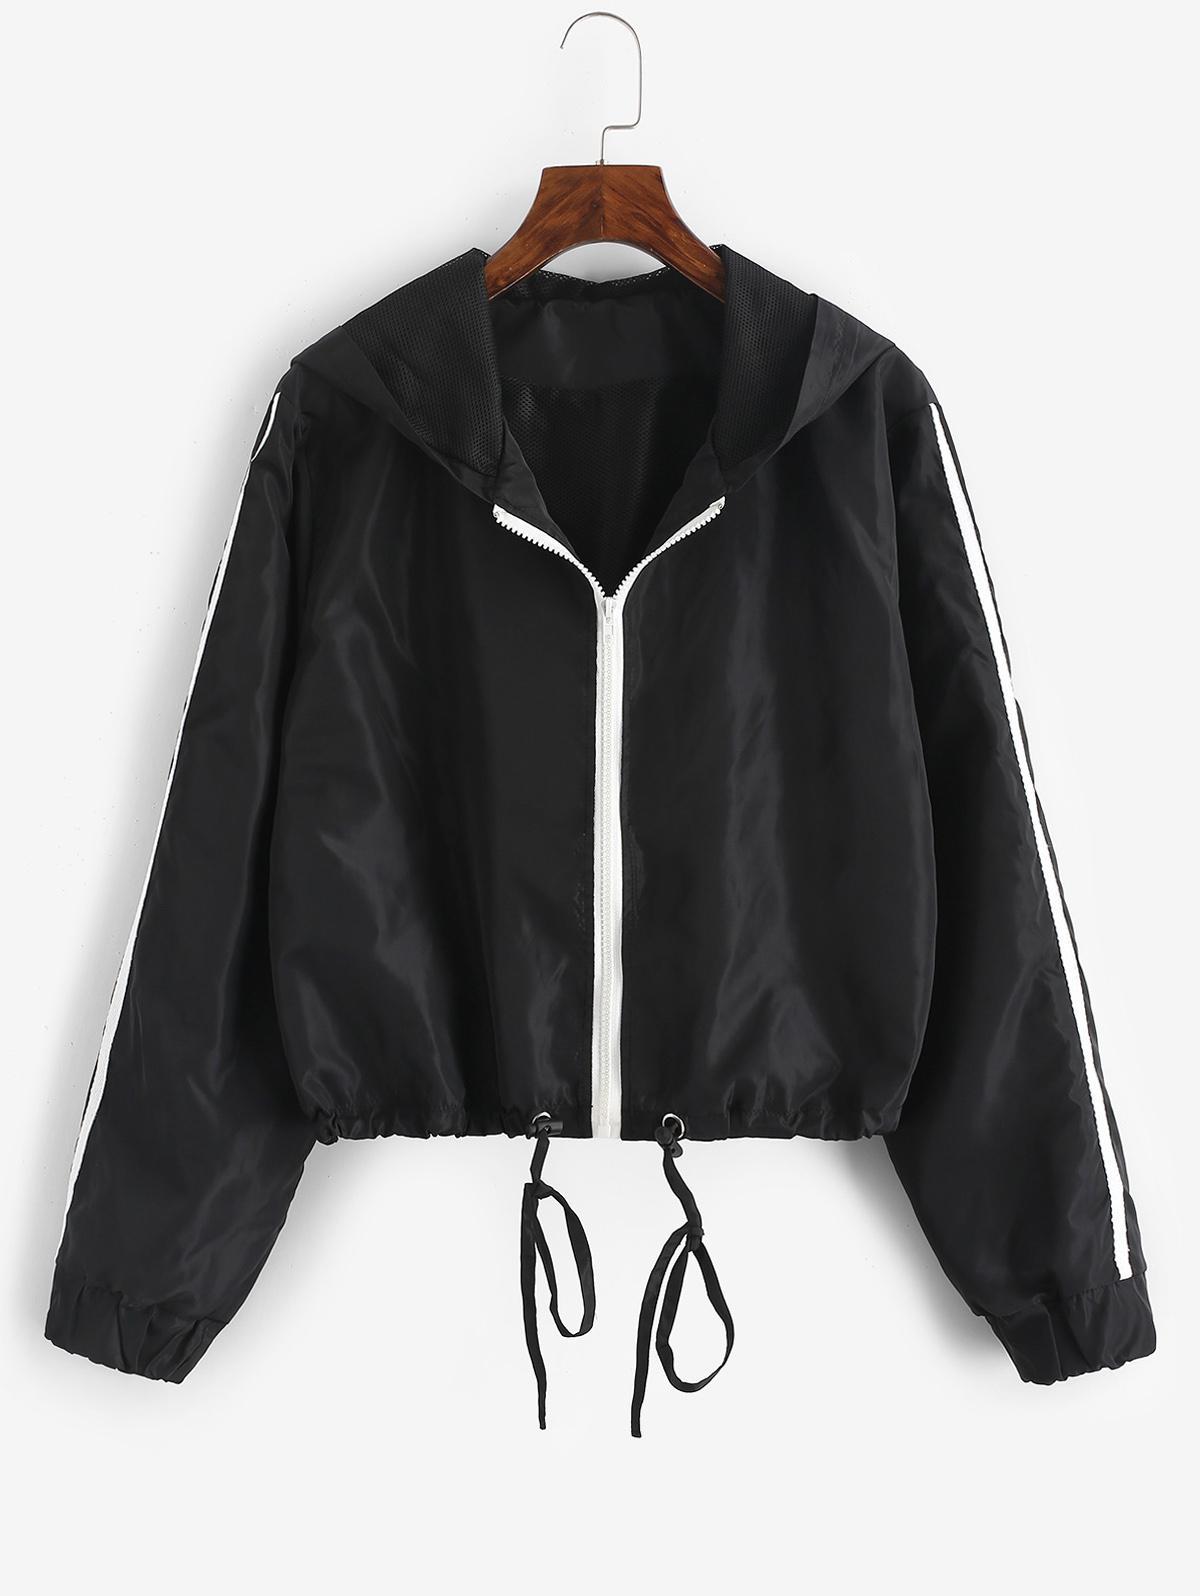 Hooded Side Striped Mesh Lining Windbreaker Jacket